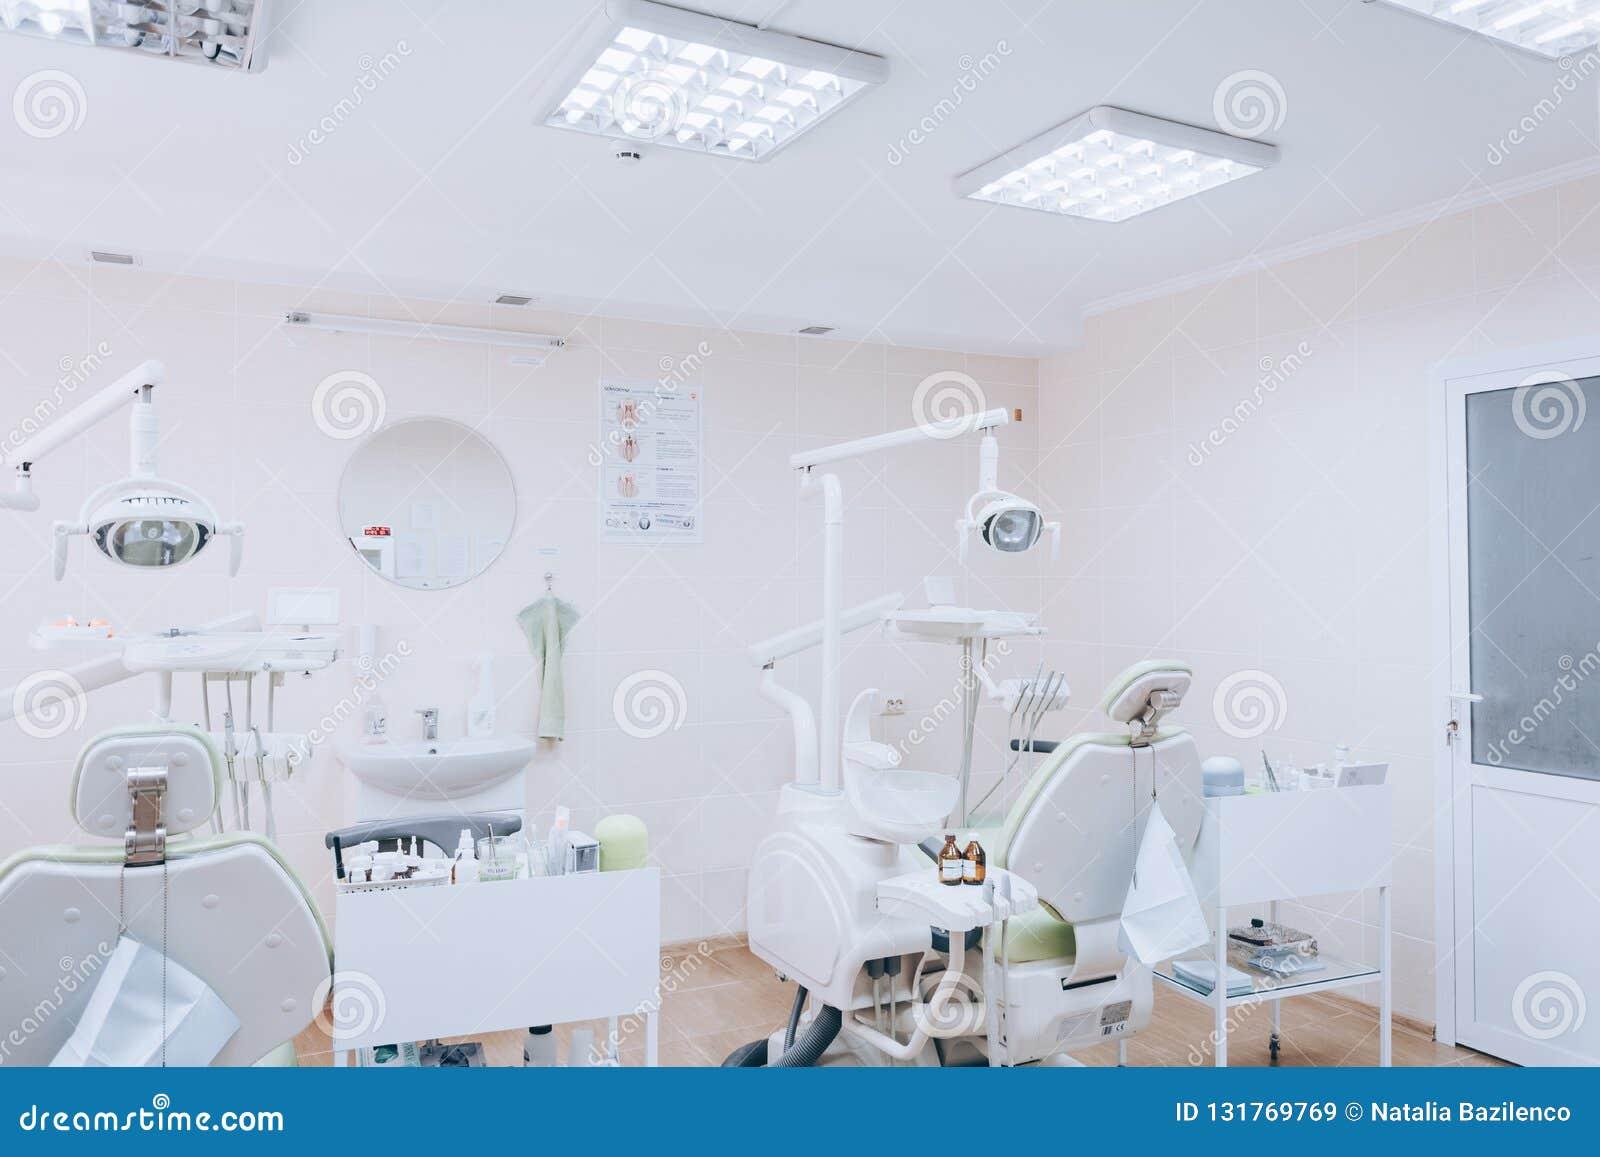 Οδοντιατρική, ιατρική, ιατρικός εξοπλισμός και έννοια στοματολογίας